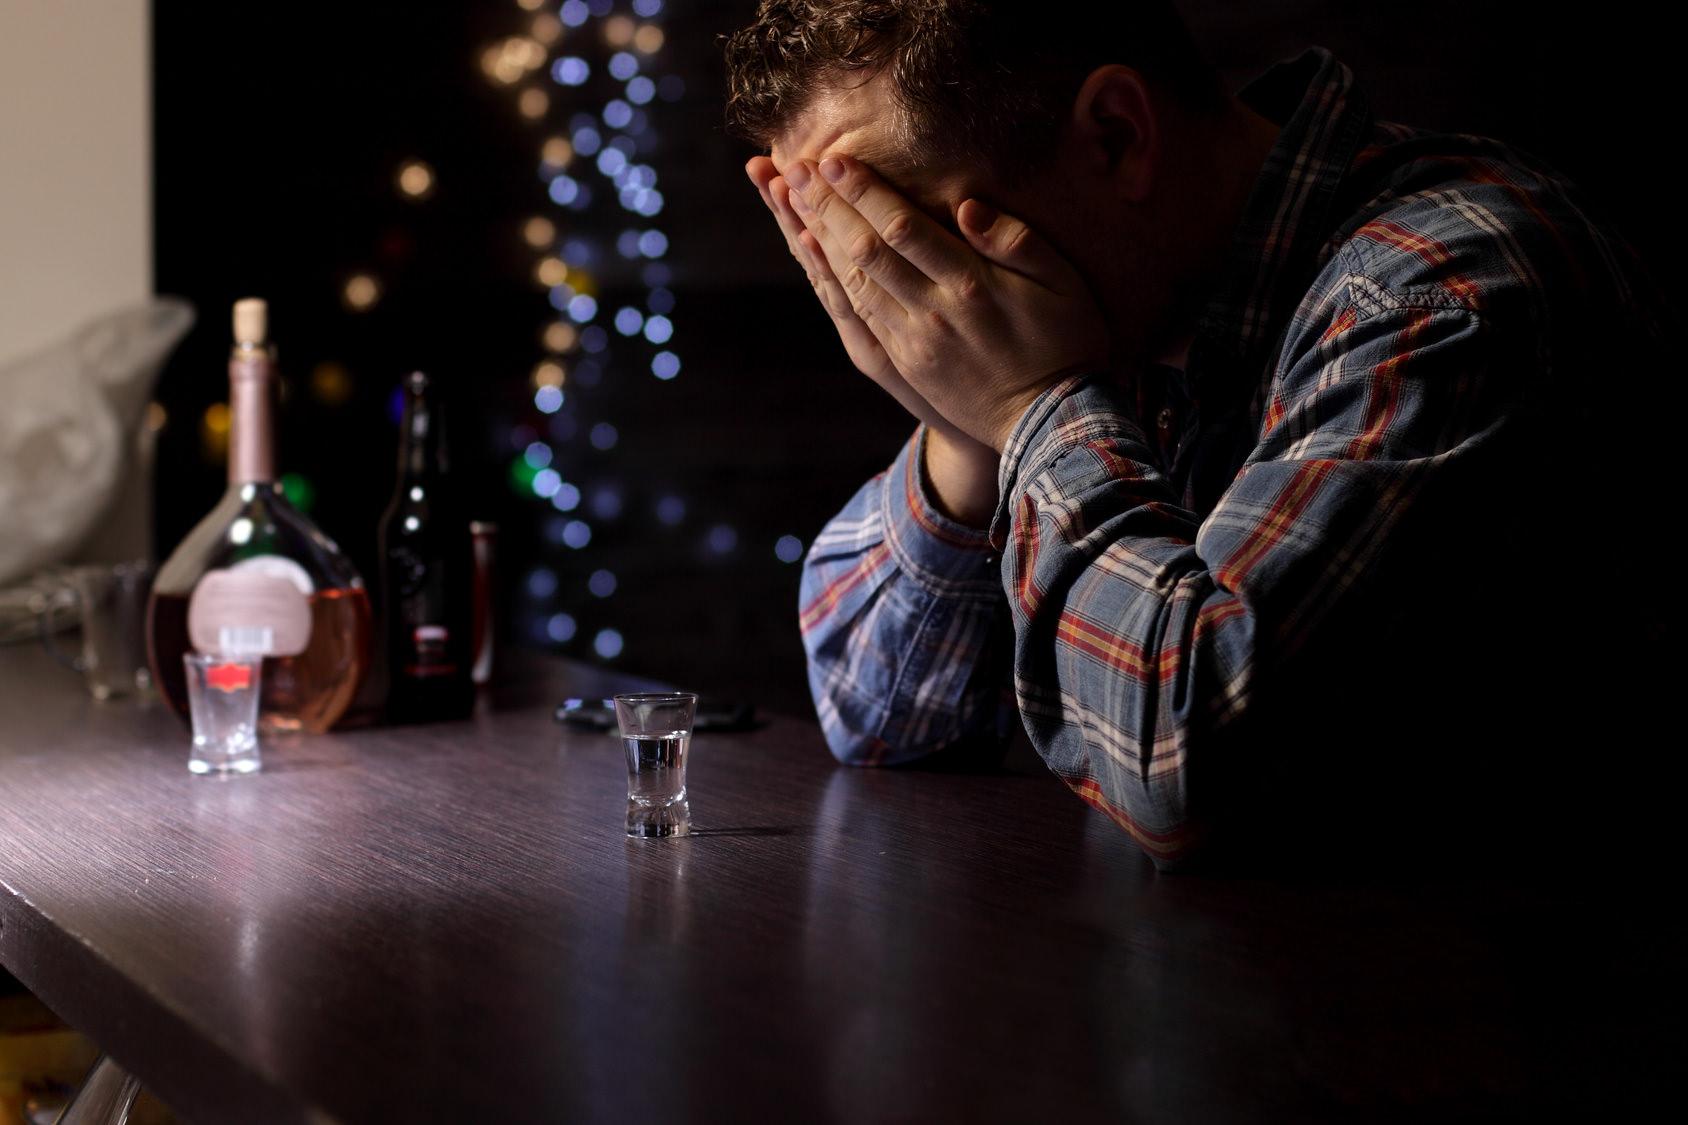 Лишение отца родительских прав: когда это оправдано (фото: ambrozinio - Fotolia.com).